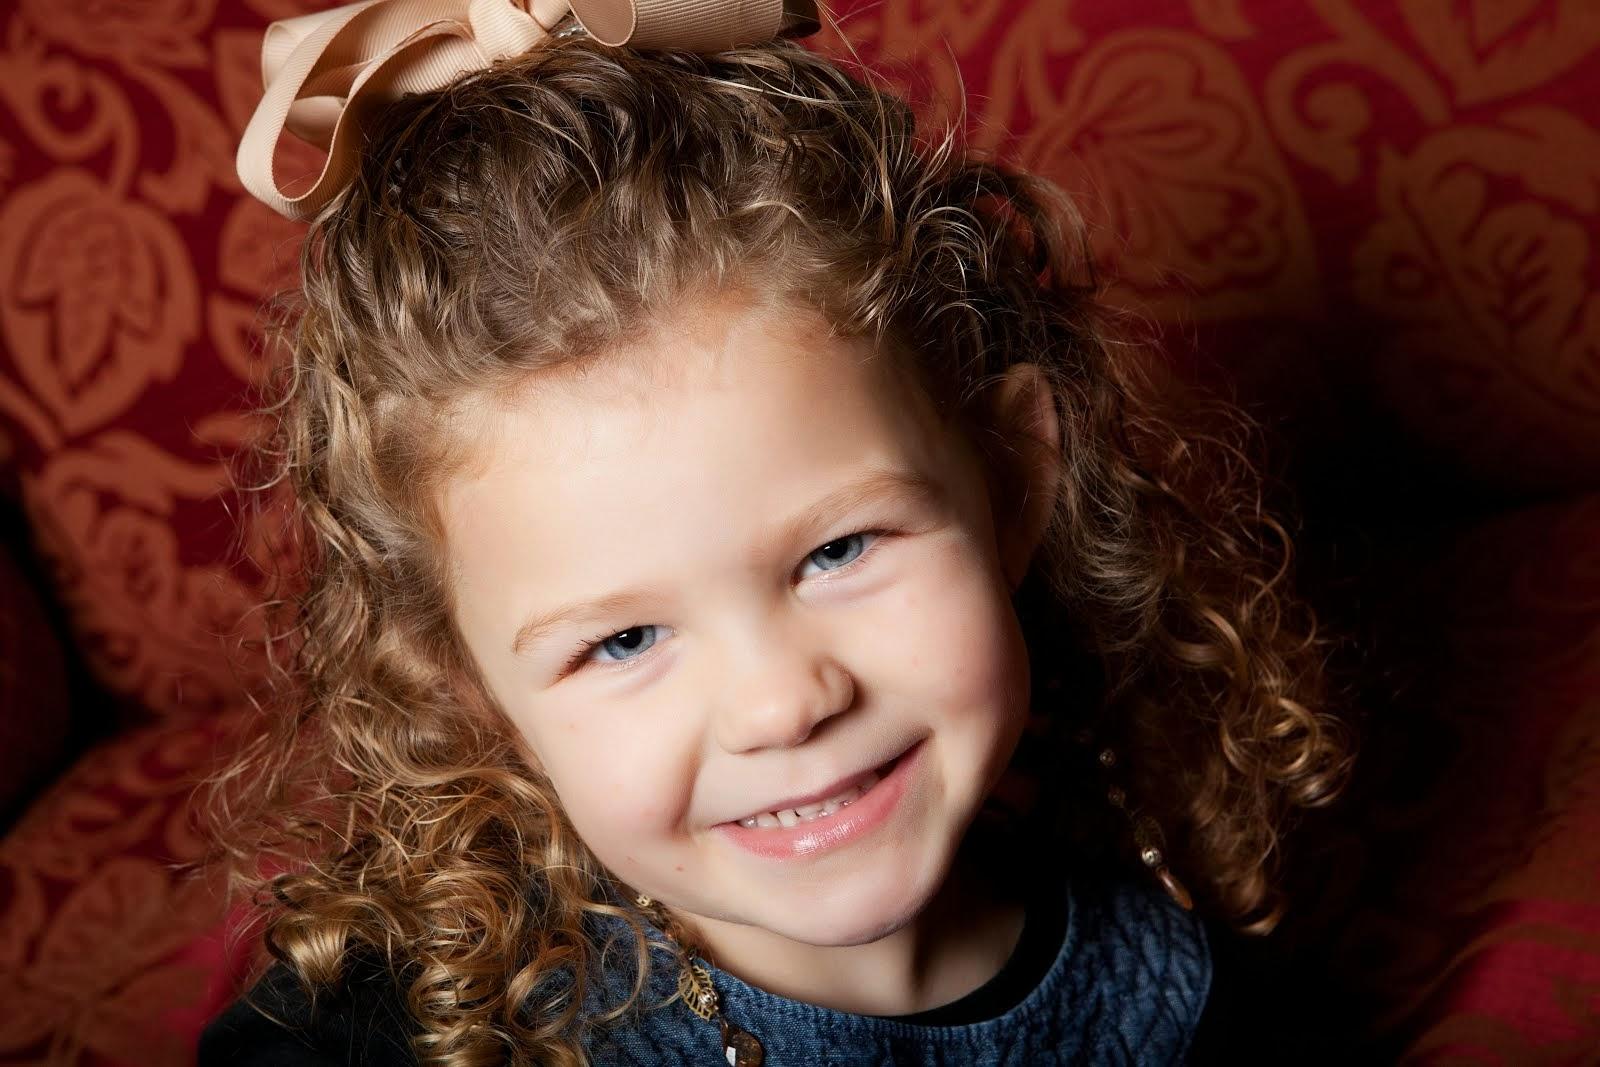 Caroline-4 years